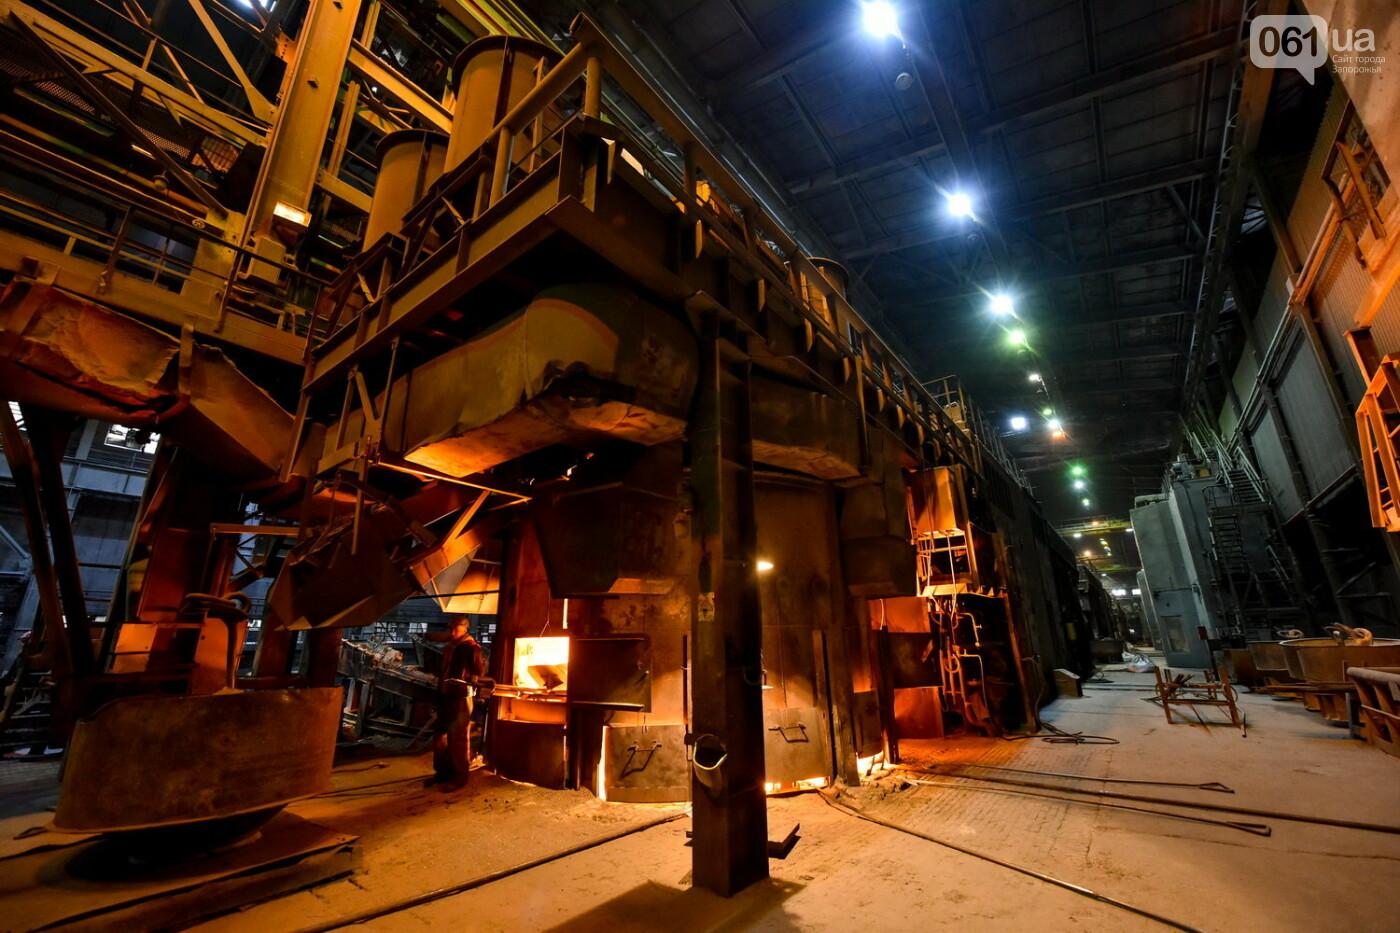 Как руду превращают в ферросплавы: экскурсия на производство, – ФОТОРЕПОРТАЖ, фото-29